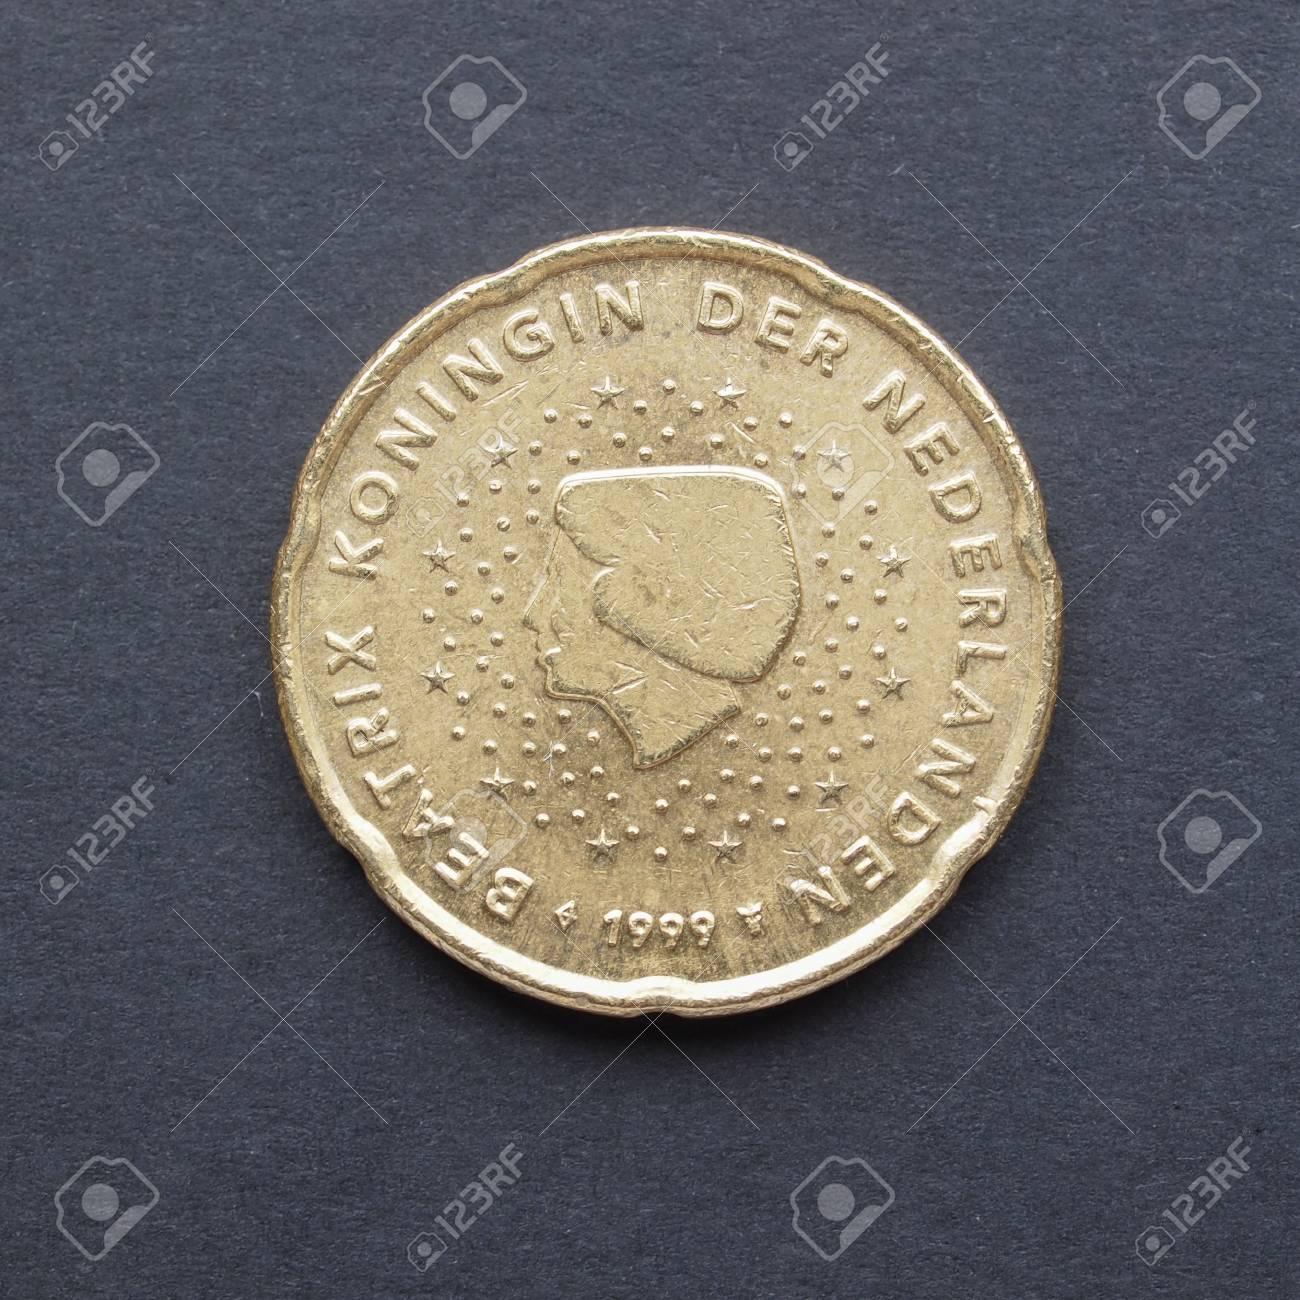 Währung Der Europäischen Union 20 Cent Münze Aus Den Niederlanden